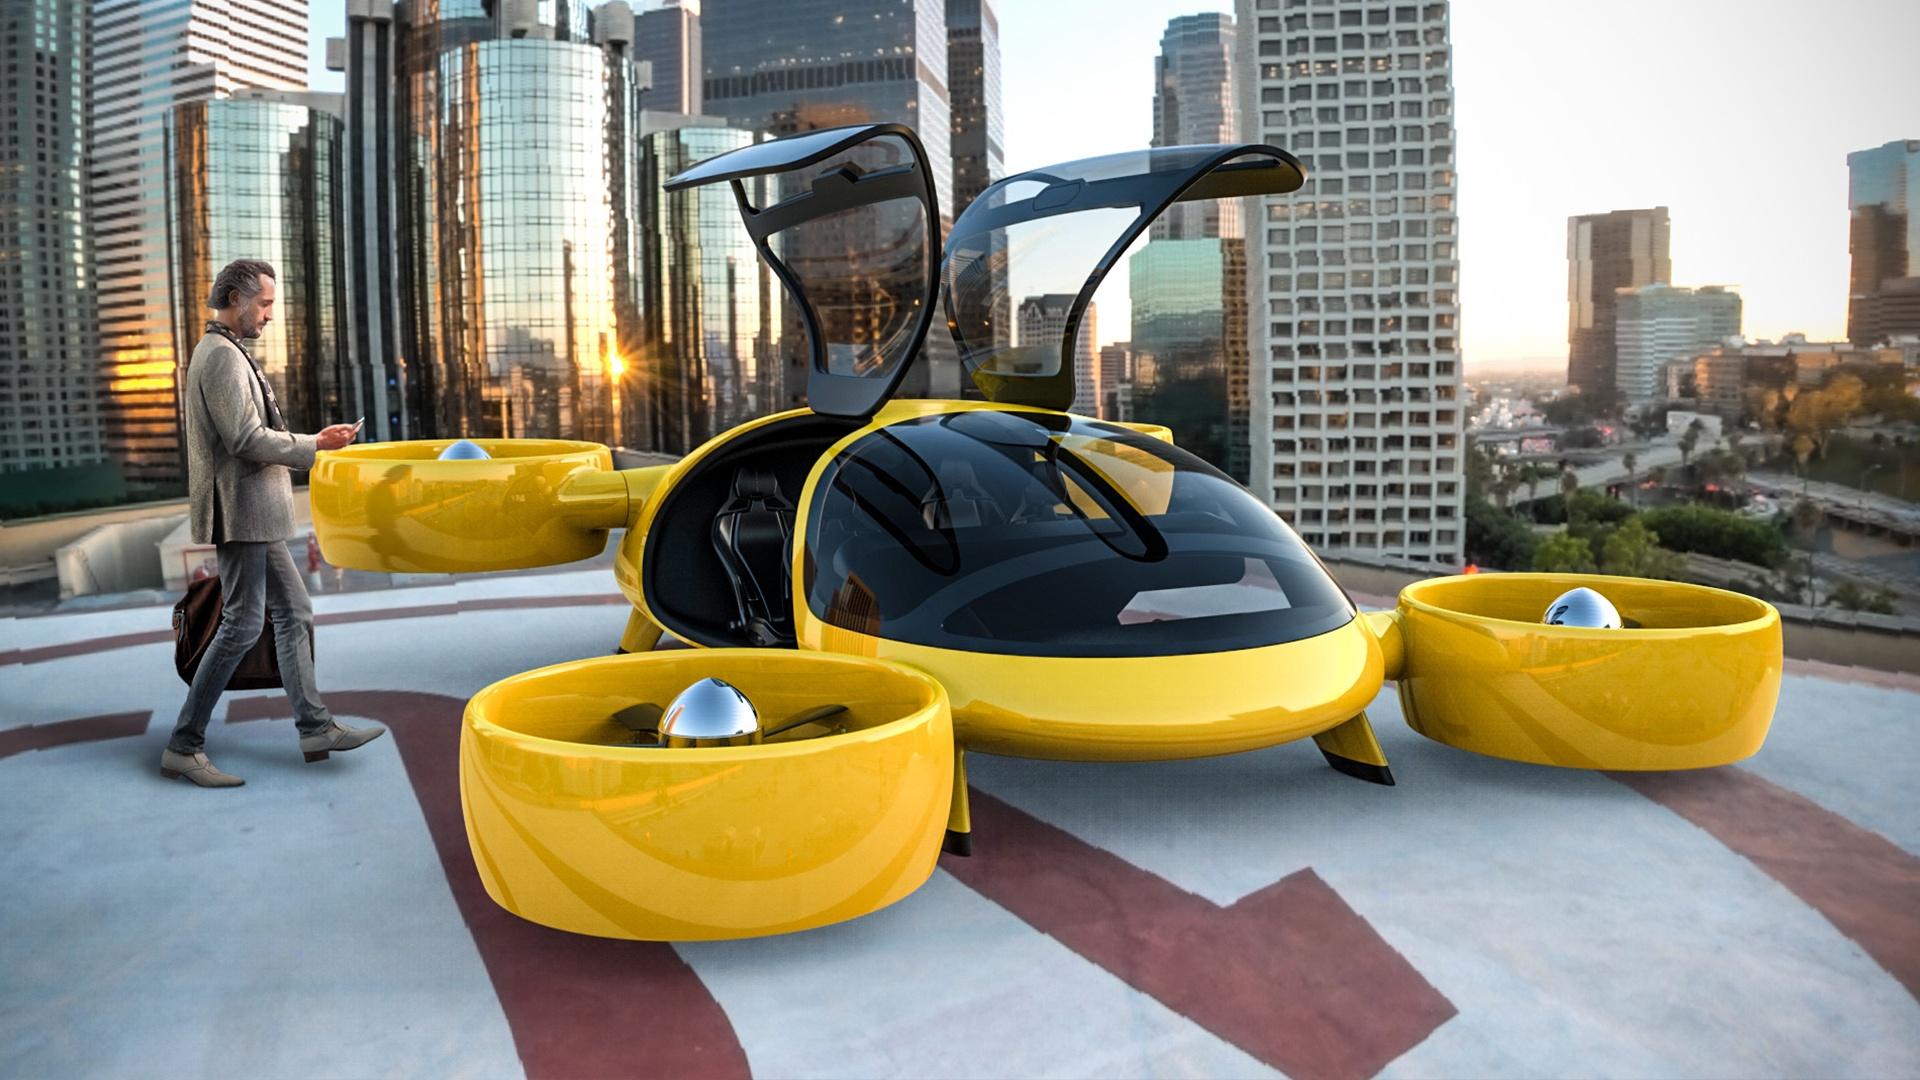 Рынок городских авиатакси: 9 миллиардов долларов к 2030 году?